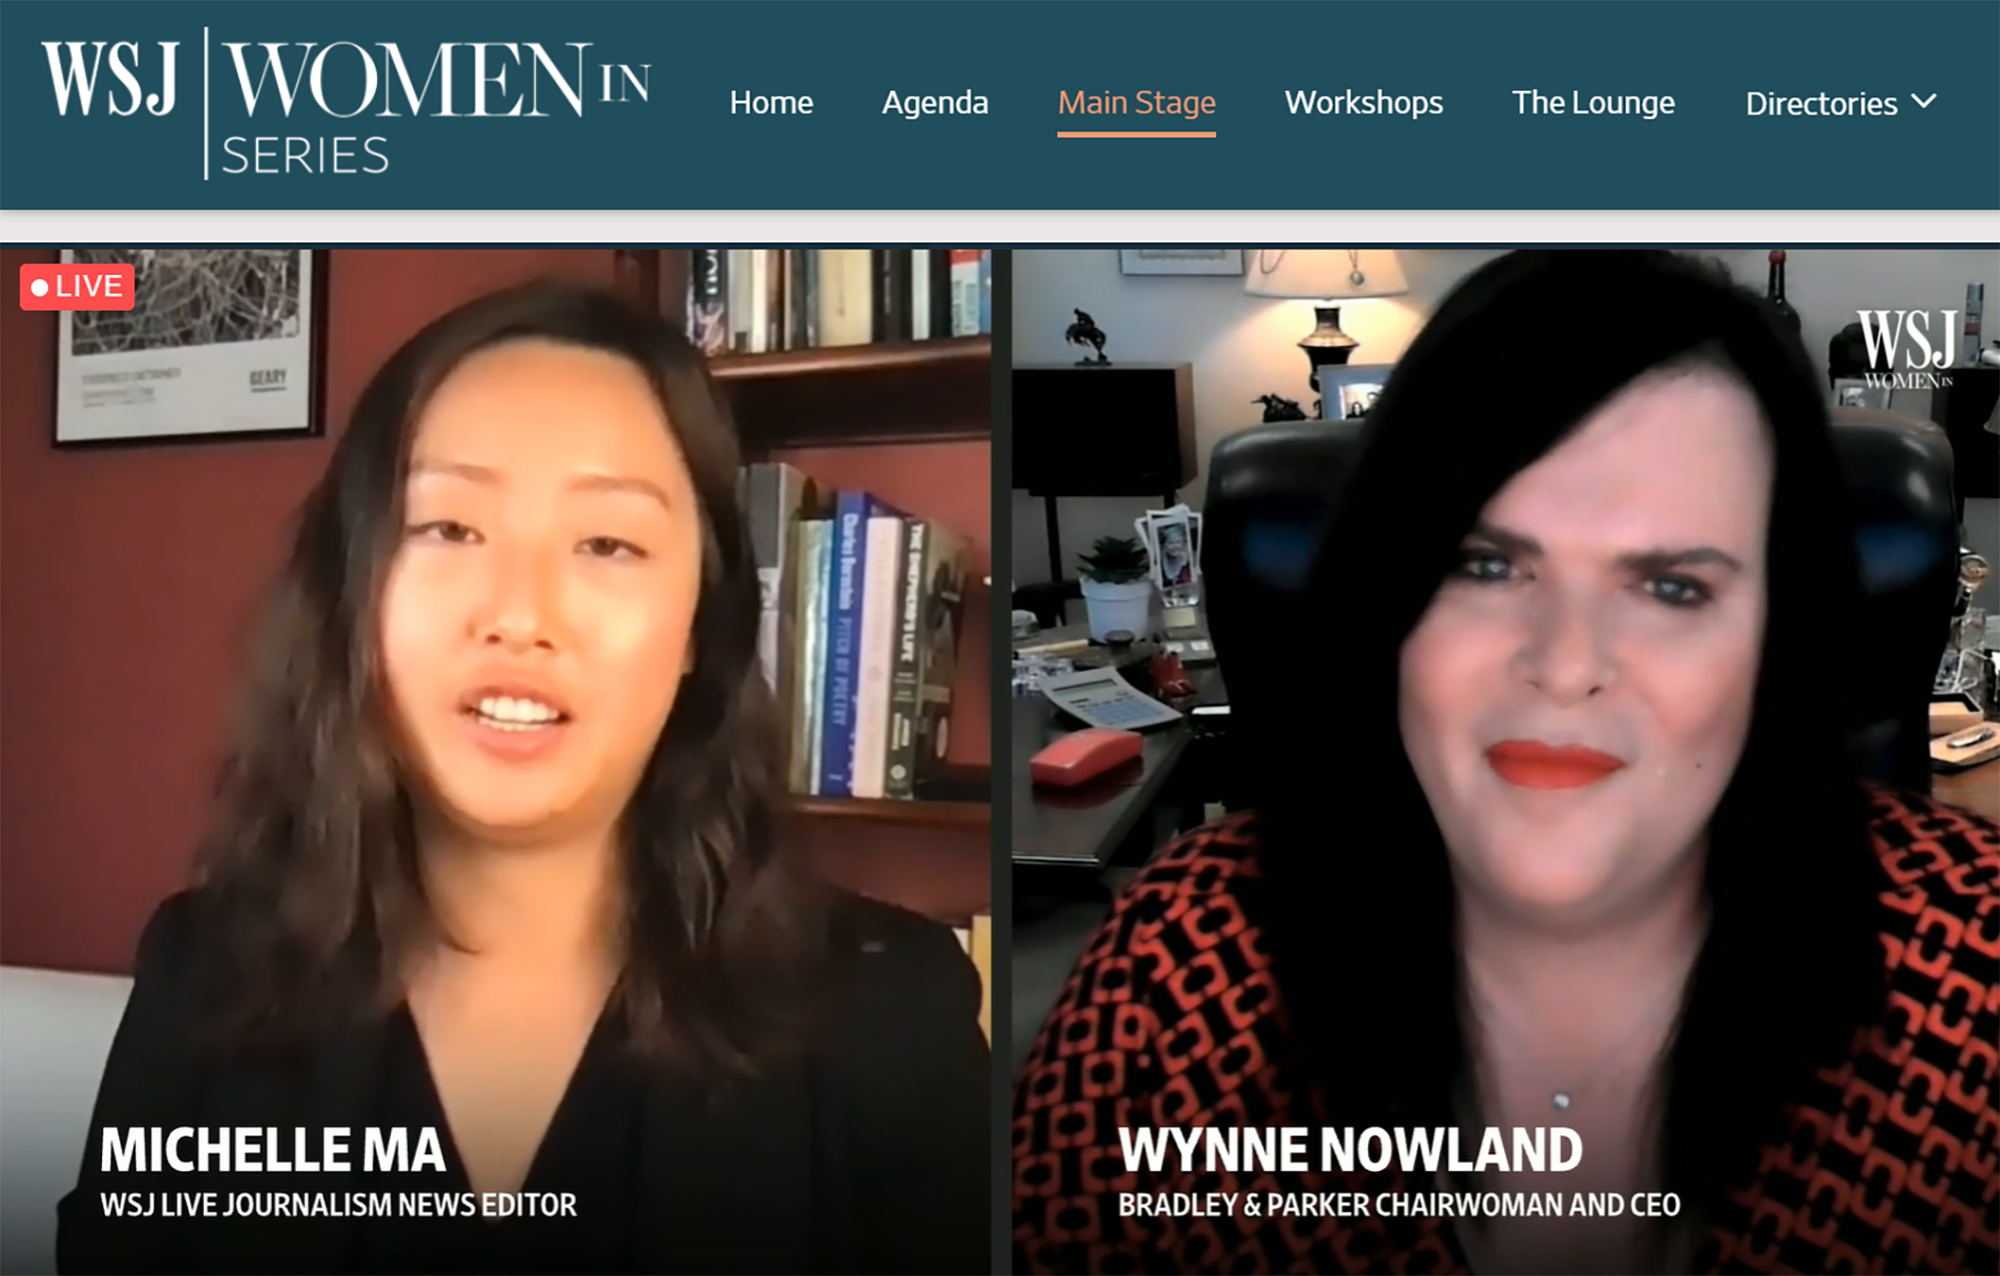 ceo-wynne-nowland-speaks-on-the-wall-street-journals-women-in-panel